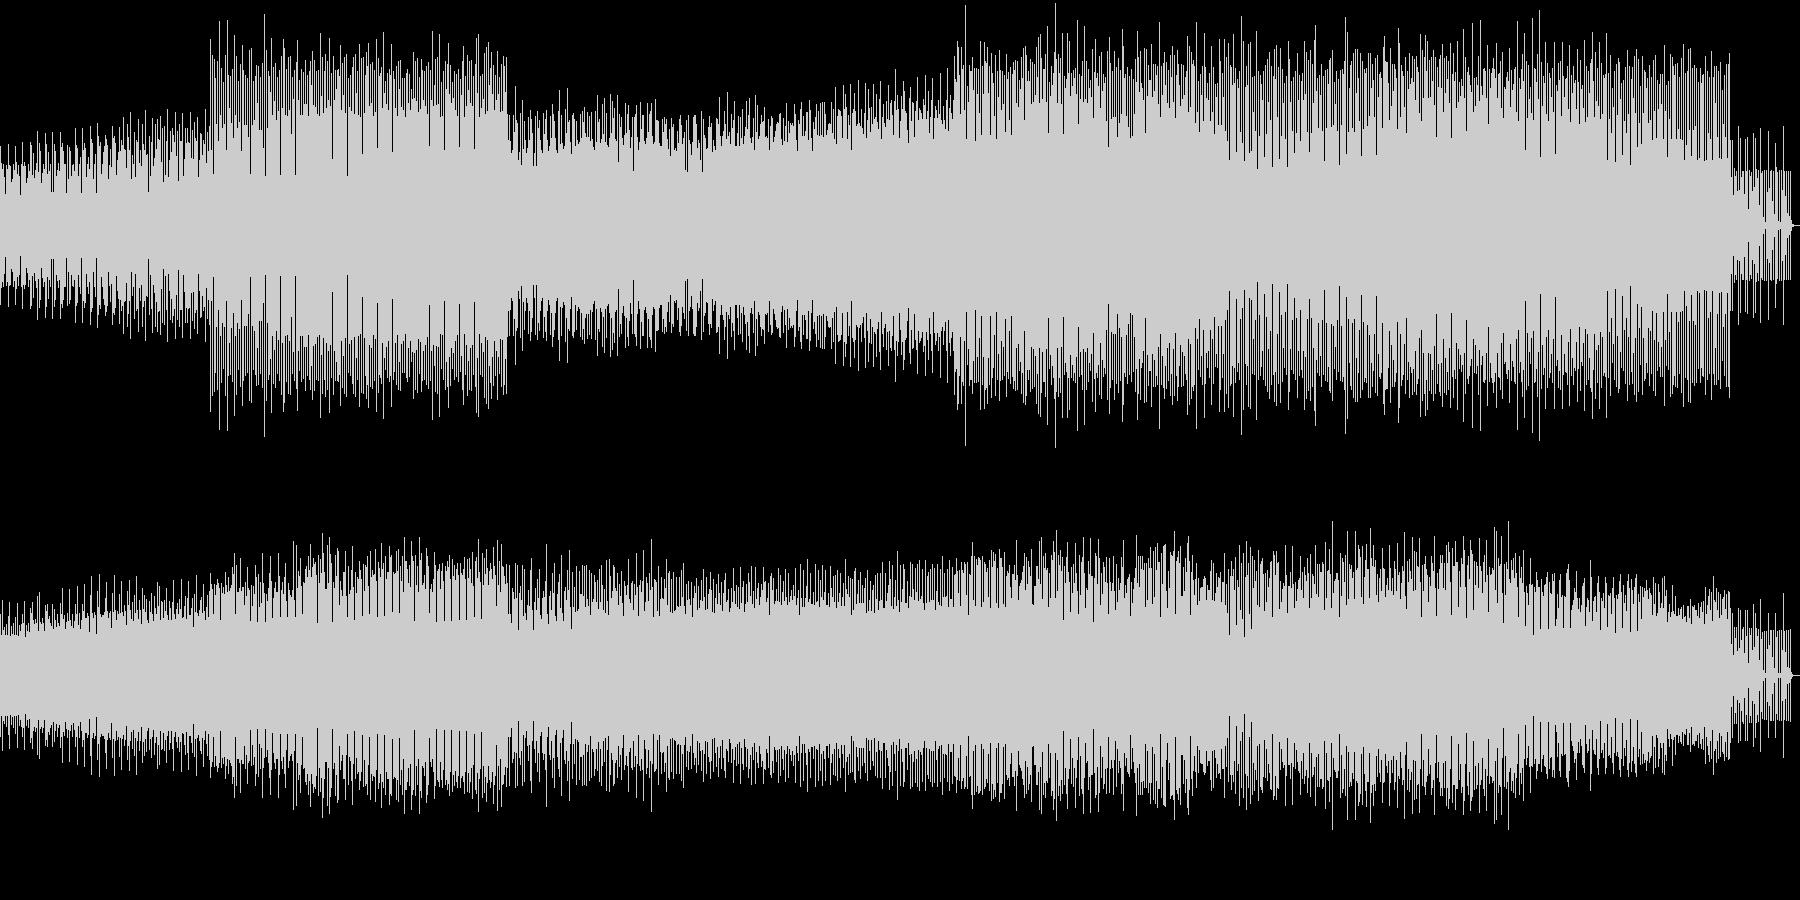 8ビット風味の楽しいEDMの未再生の波形